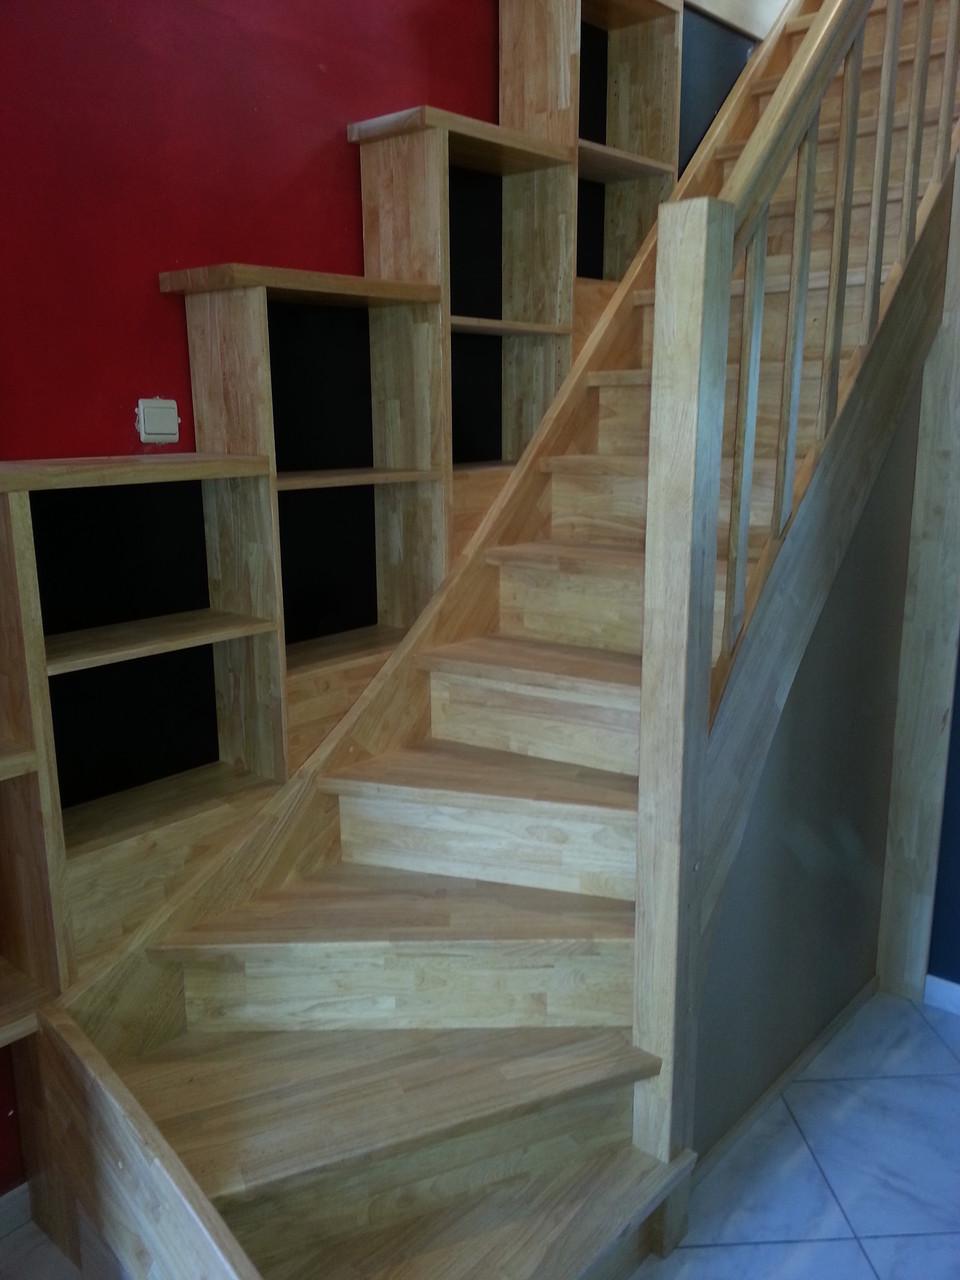 escalier en hévéa avec bibliothèque intégré